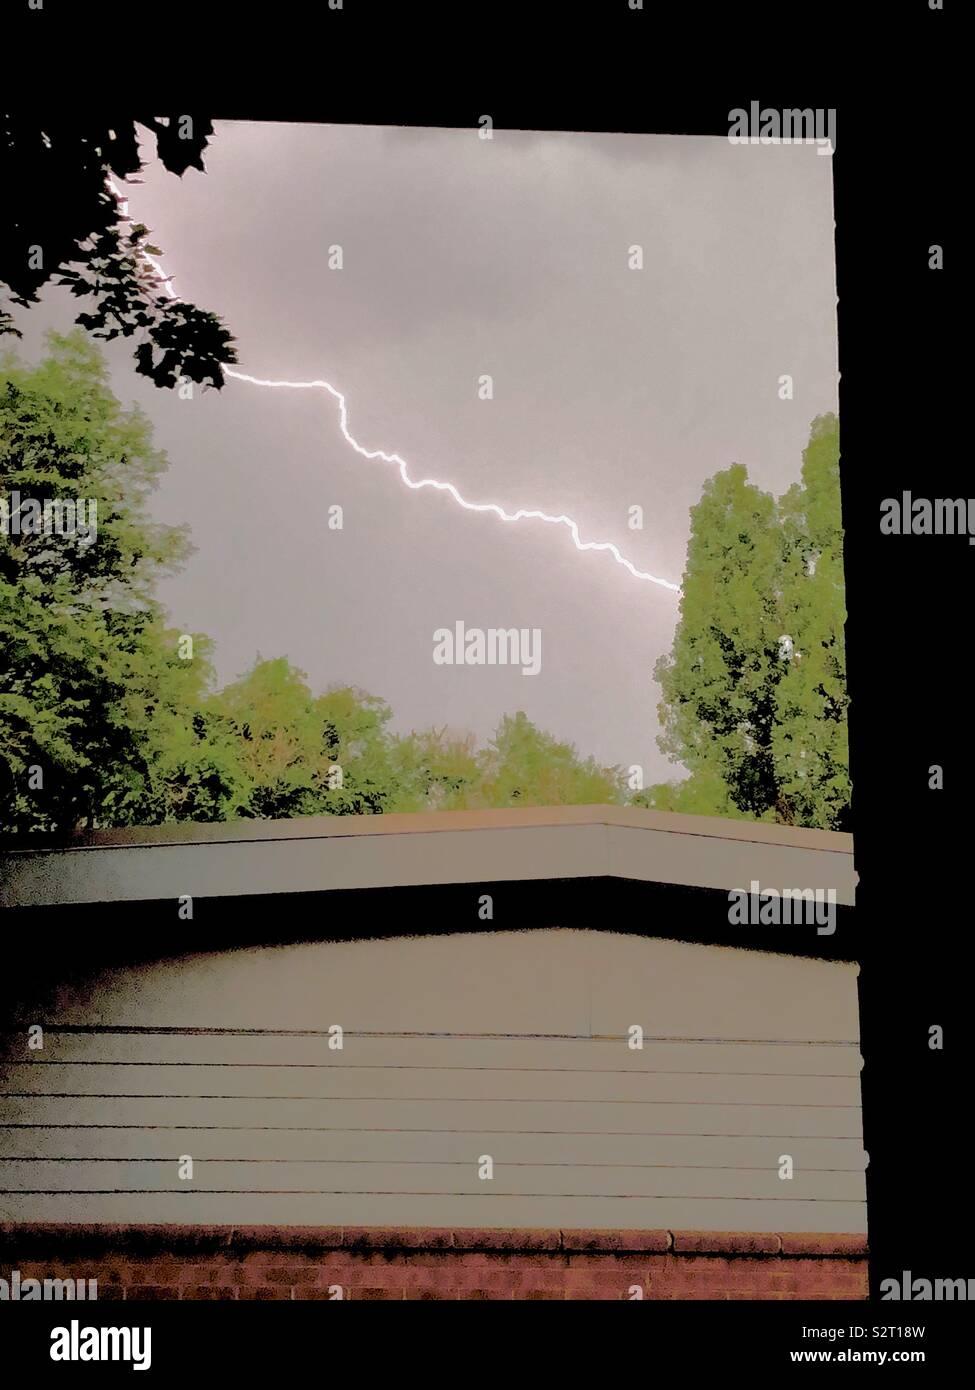 Lighting strike in residential neighborhood- Hand-held, manual capture. - Stock Image